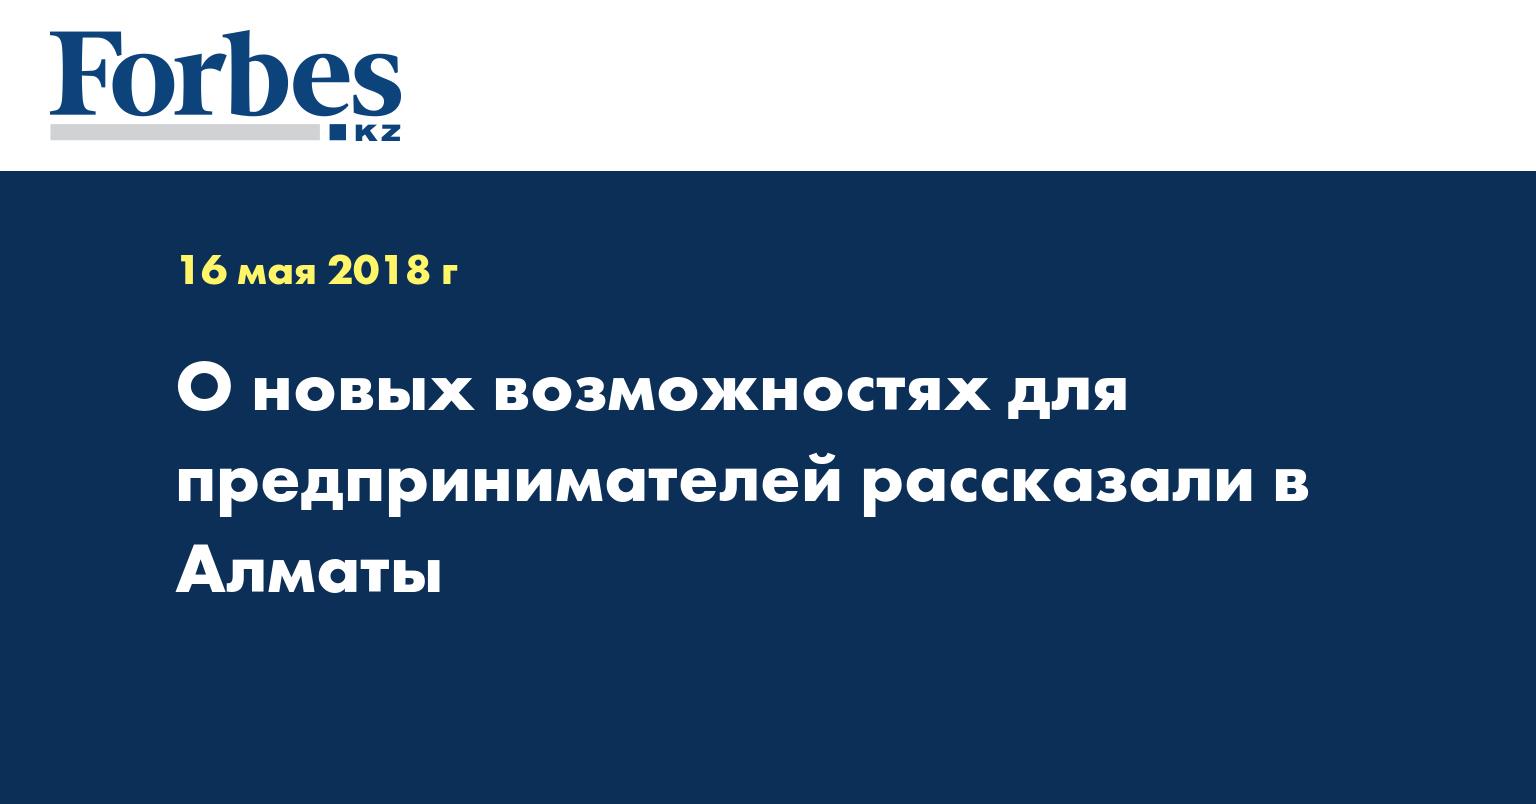 О новых возможностях для предпринимателей рассказали в Алматы